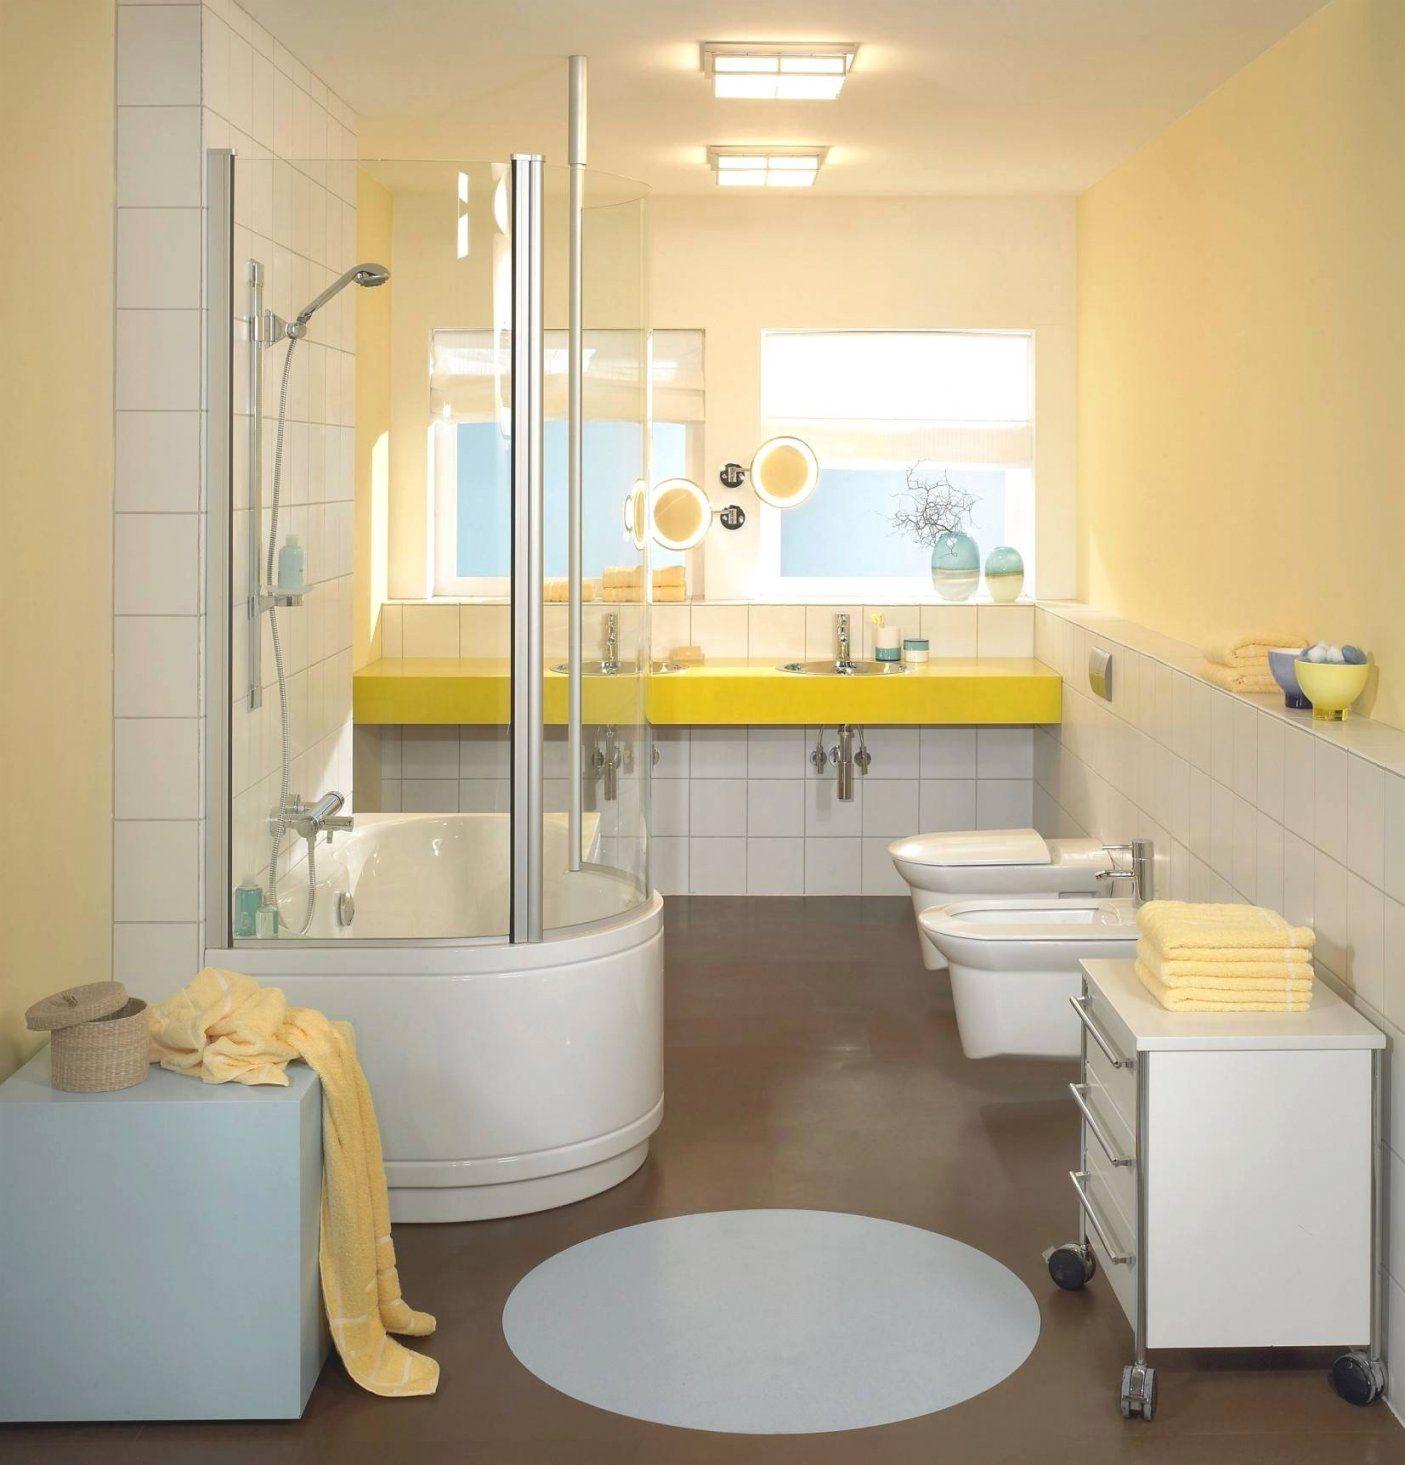 Spannende Badsanierung Kosten 7 Qm Badsanierung Kosten von Badsanierung Kosten 7 Qm Photo